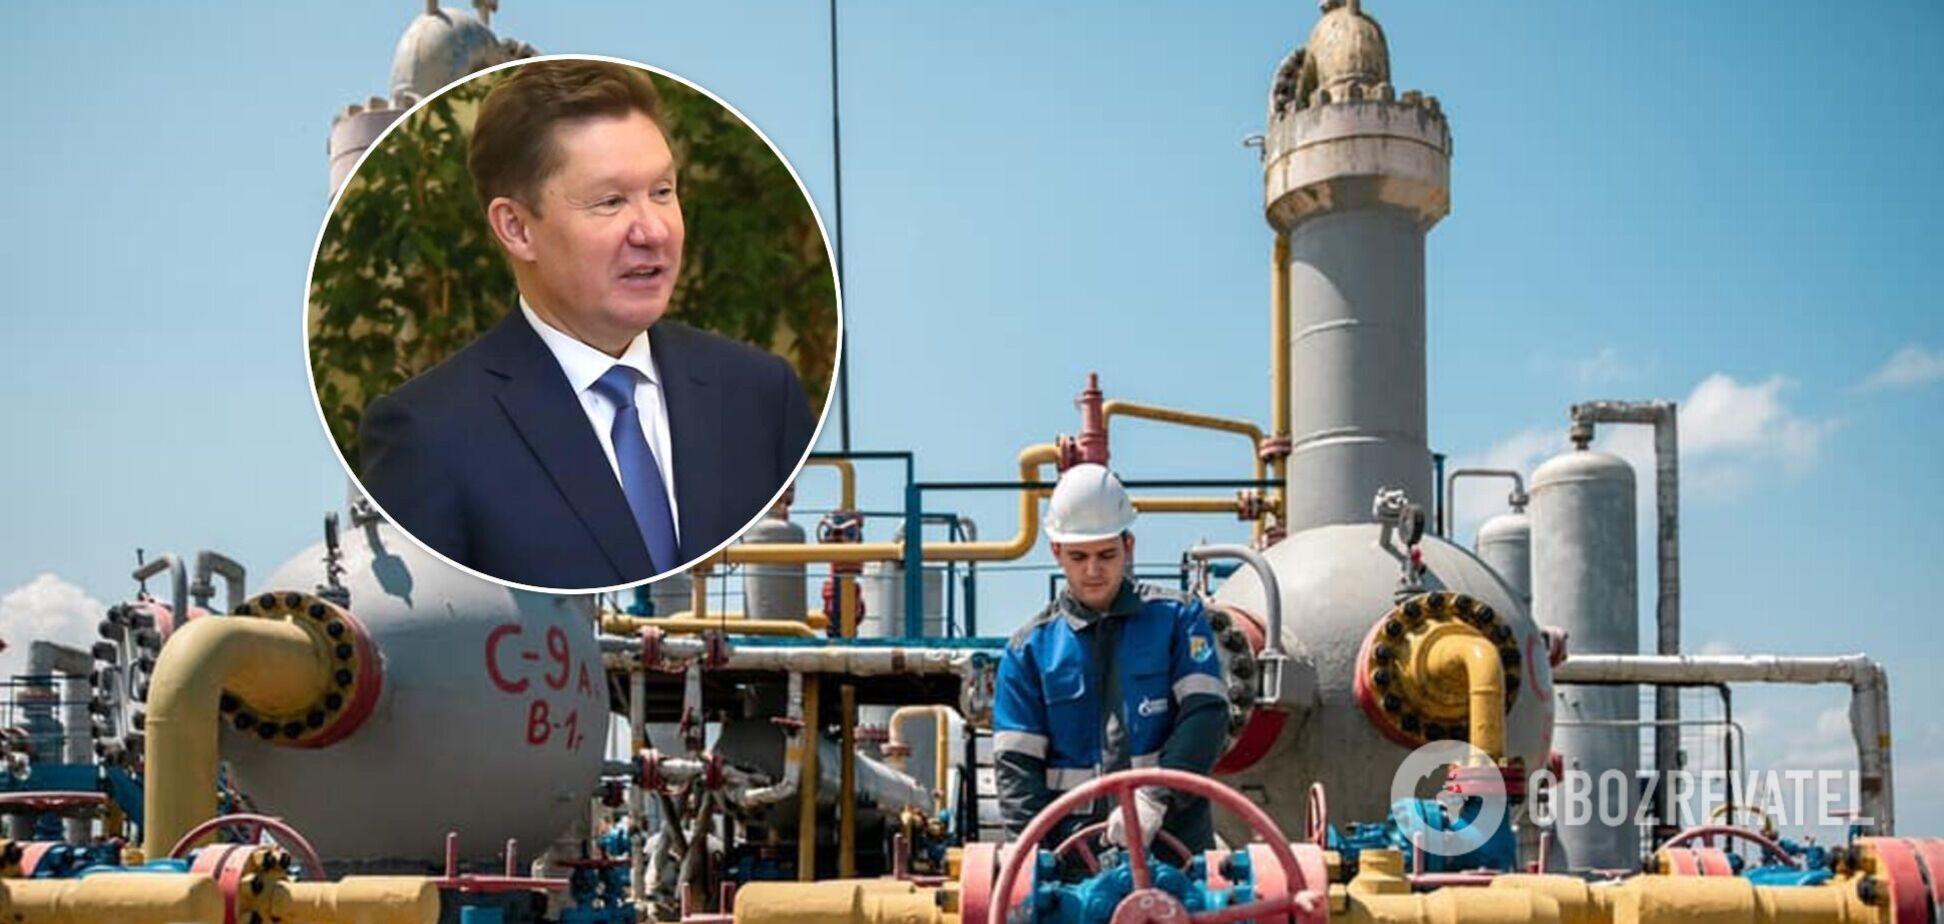 В 'Газпроме' допустили еще большее подорожание газа в Европе